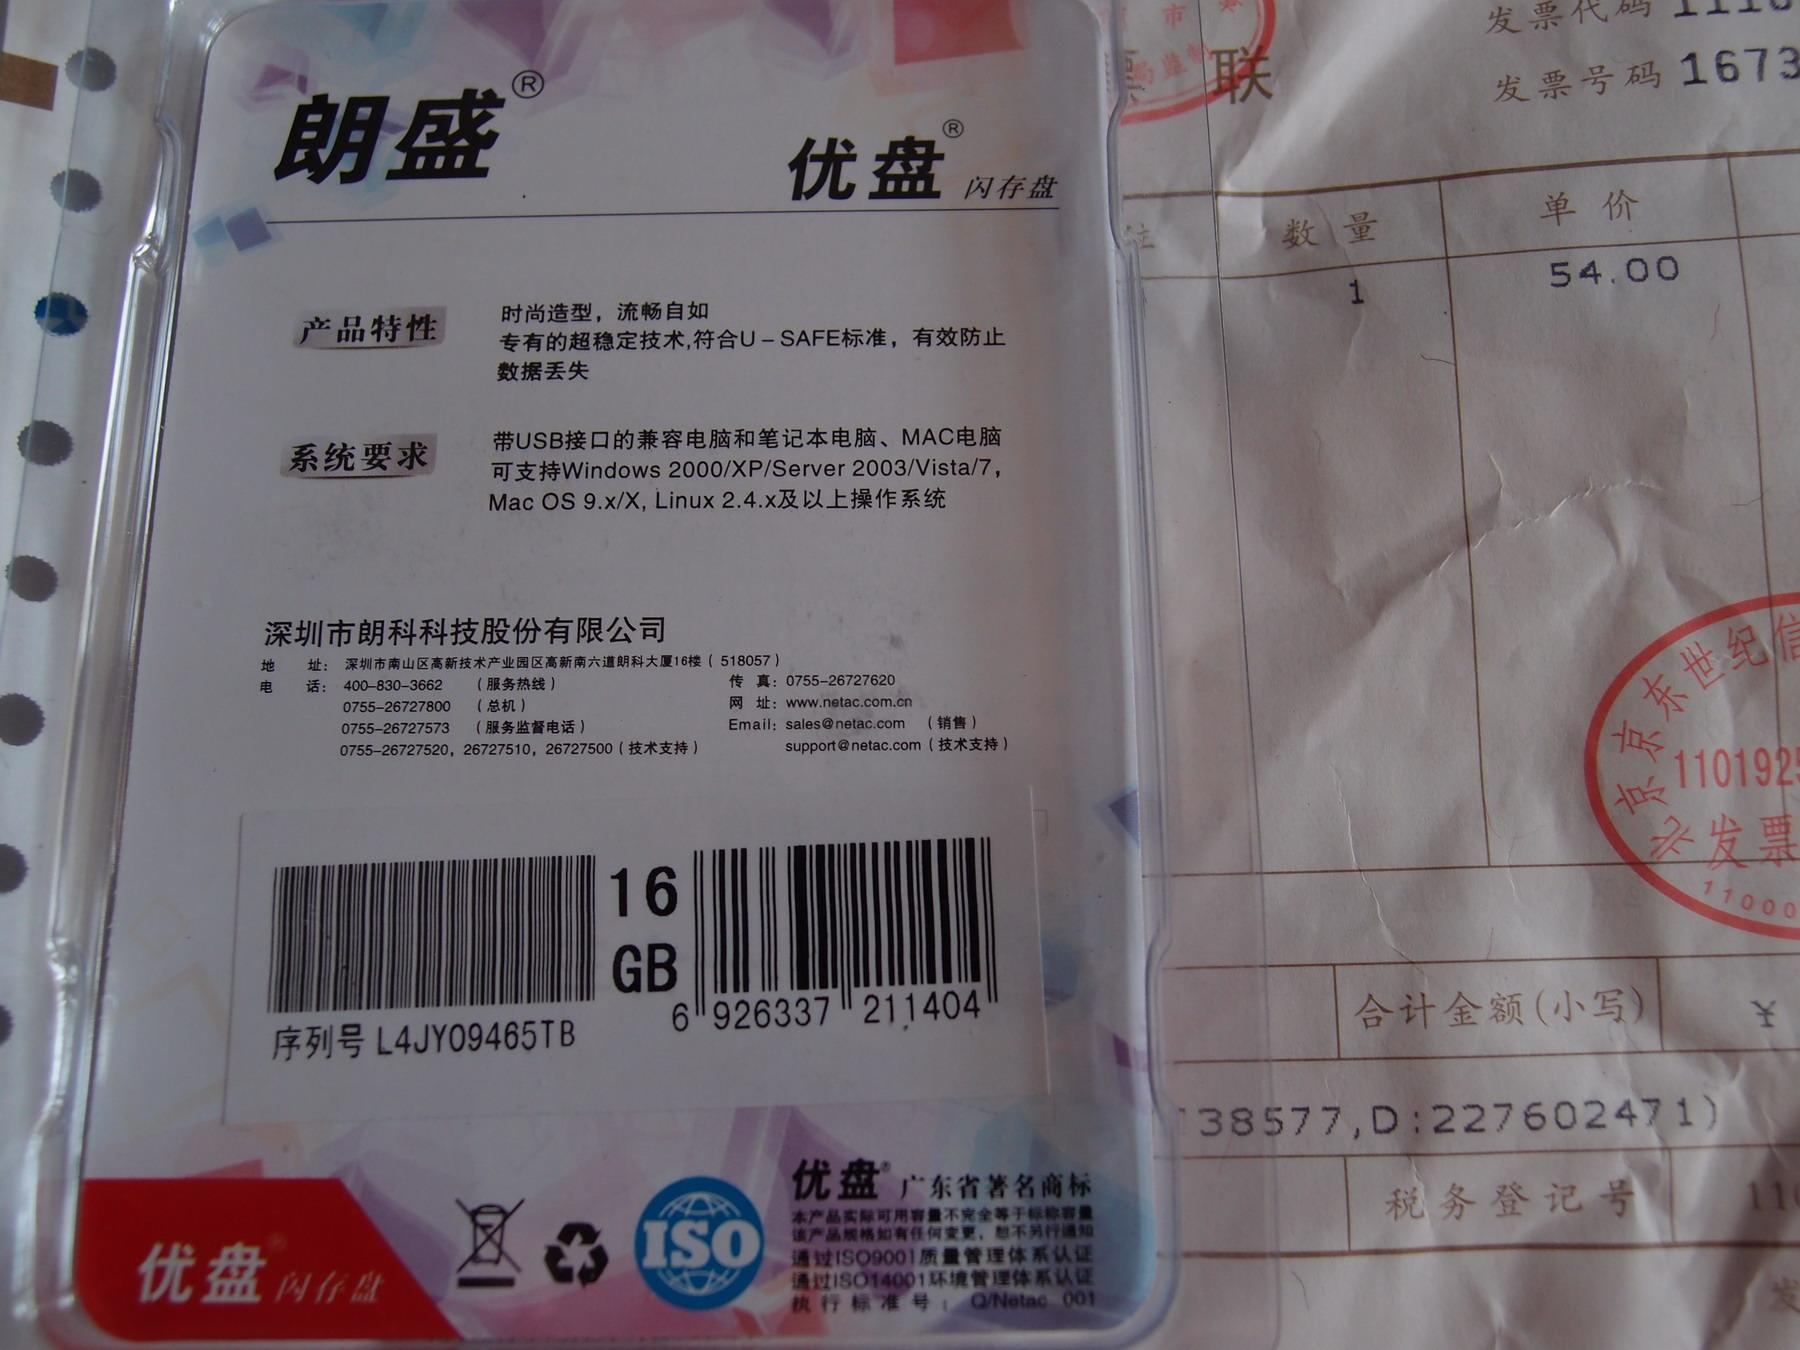 black wool coat 00217411 buy